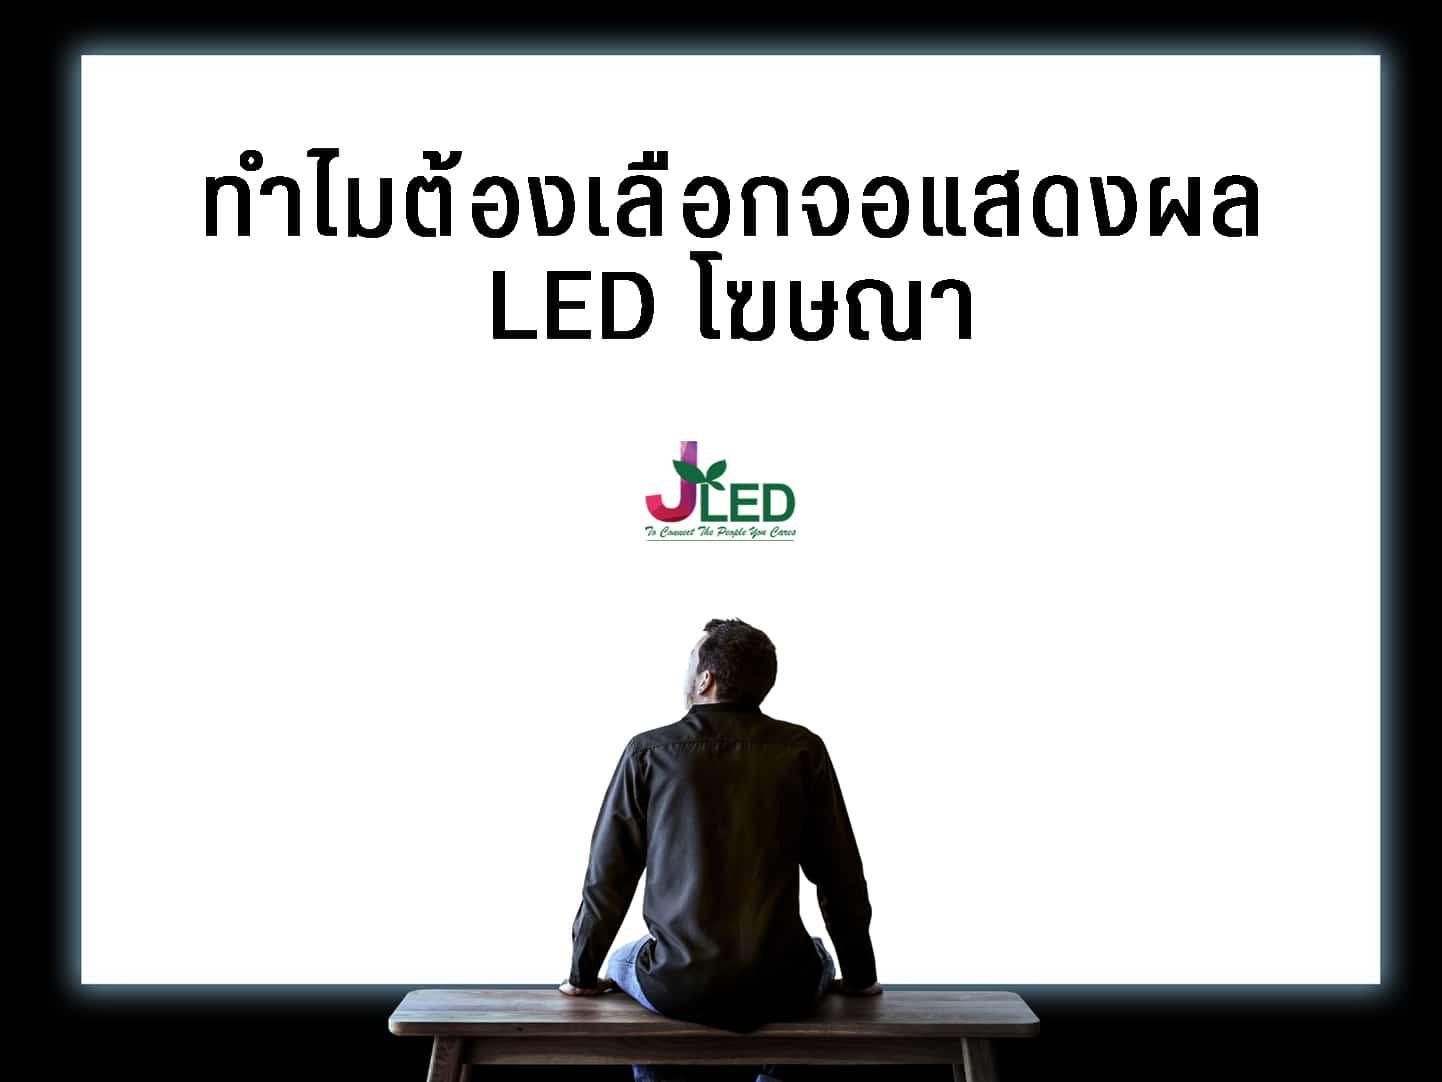 ทำไมต้องเลือกจอแสดงผล LED โฆษณา